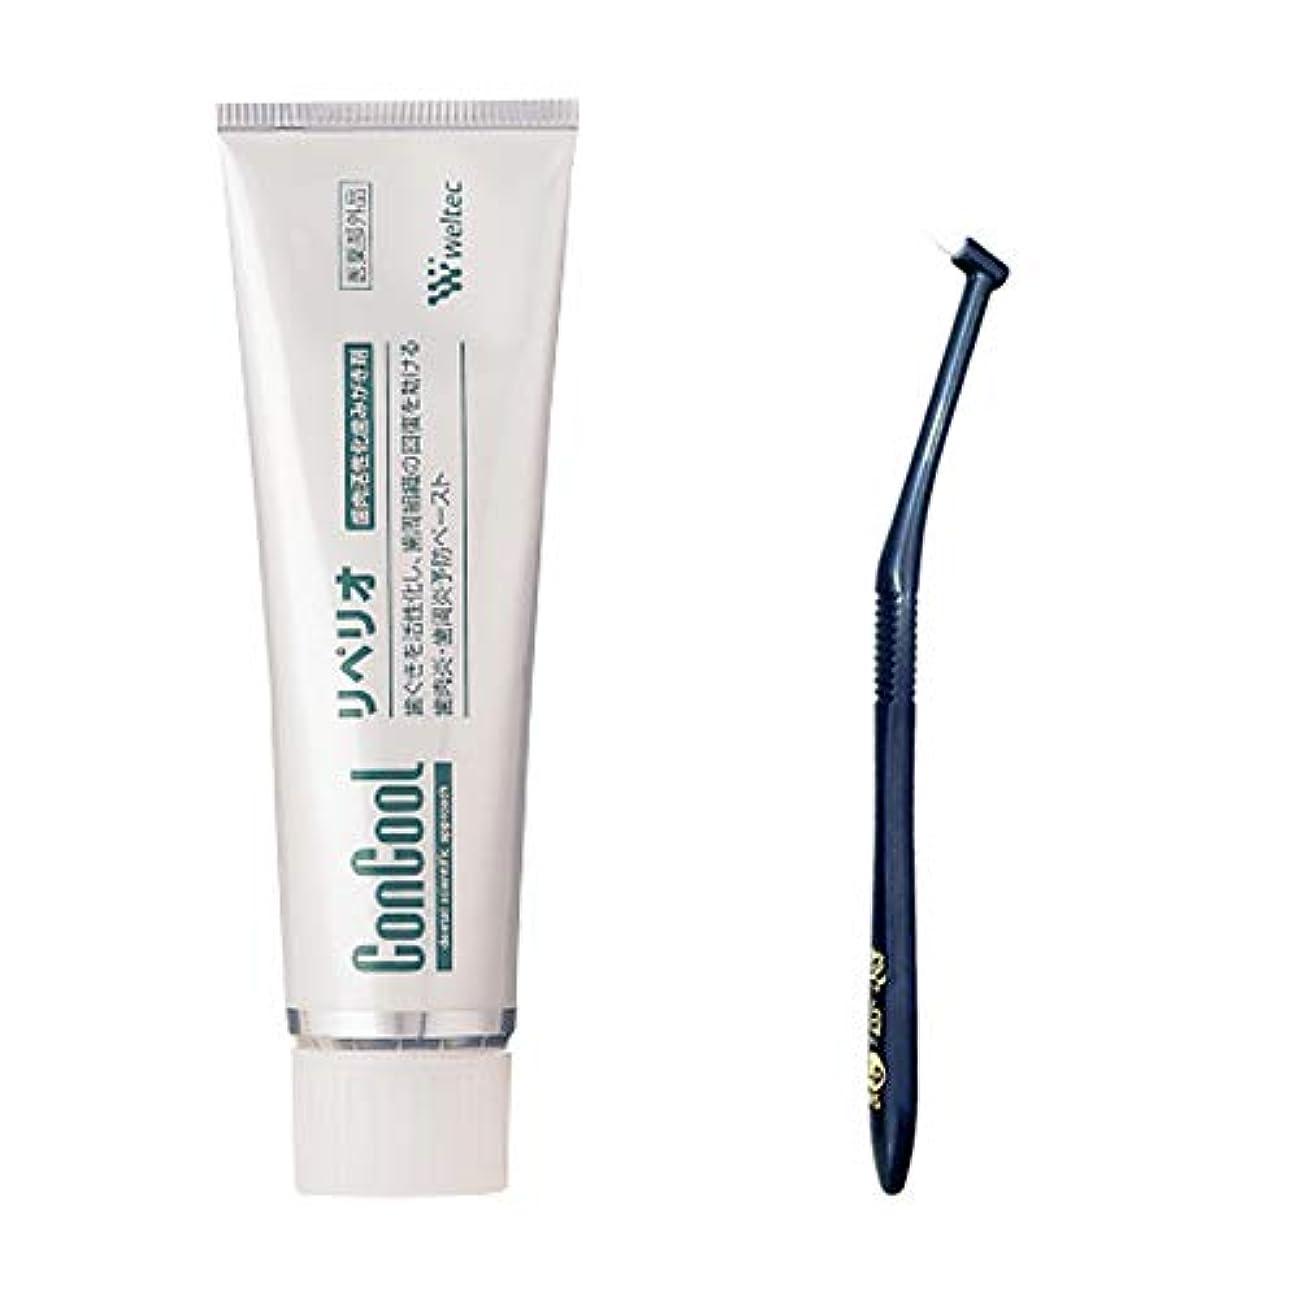 摂動相対的バックアップコンクール リペリオ 80g×1本 + 艶白(つやはく) ワンタフト 歯ブラシ ×1本 MS(やややわらかめ) 歯周病予防 歯科医院取扱品